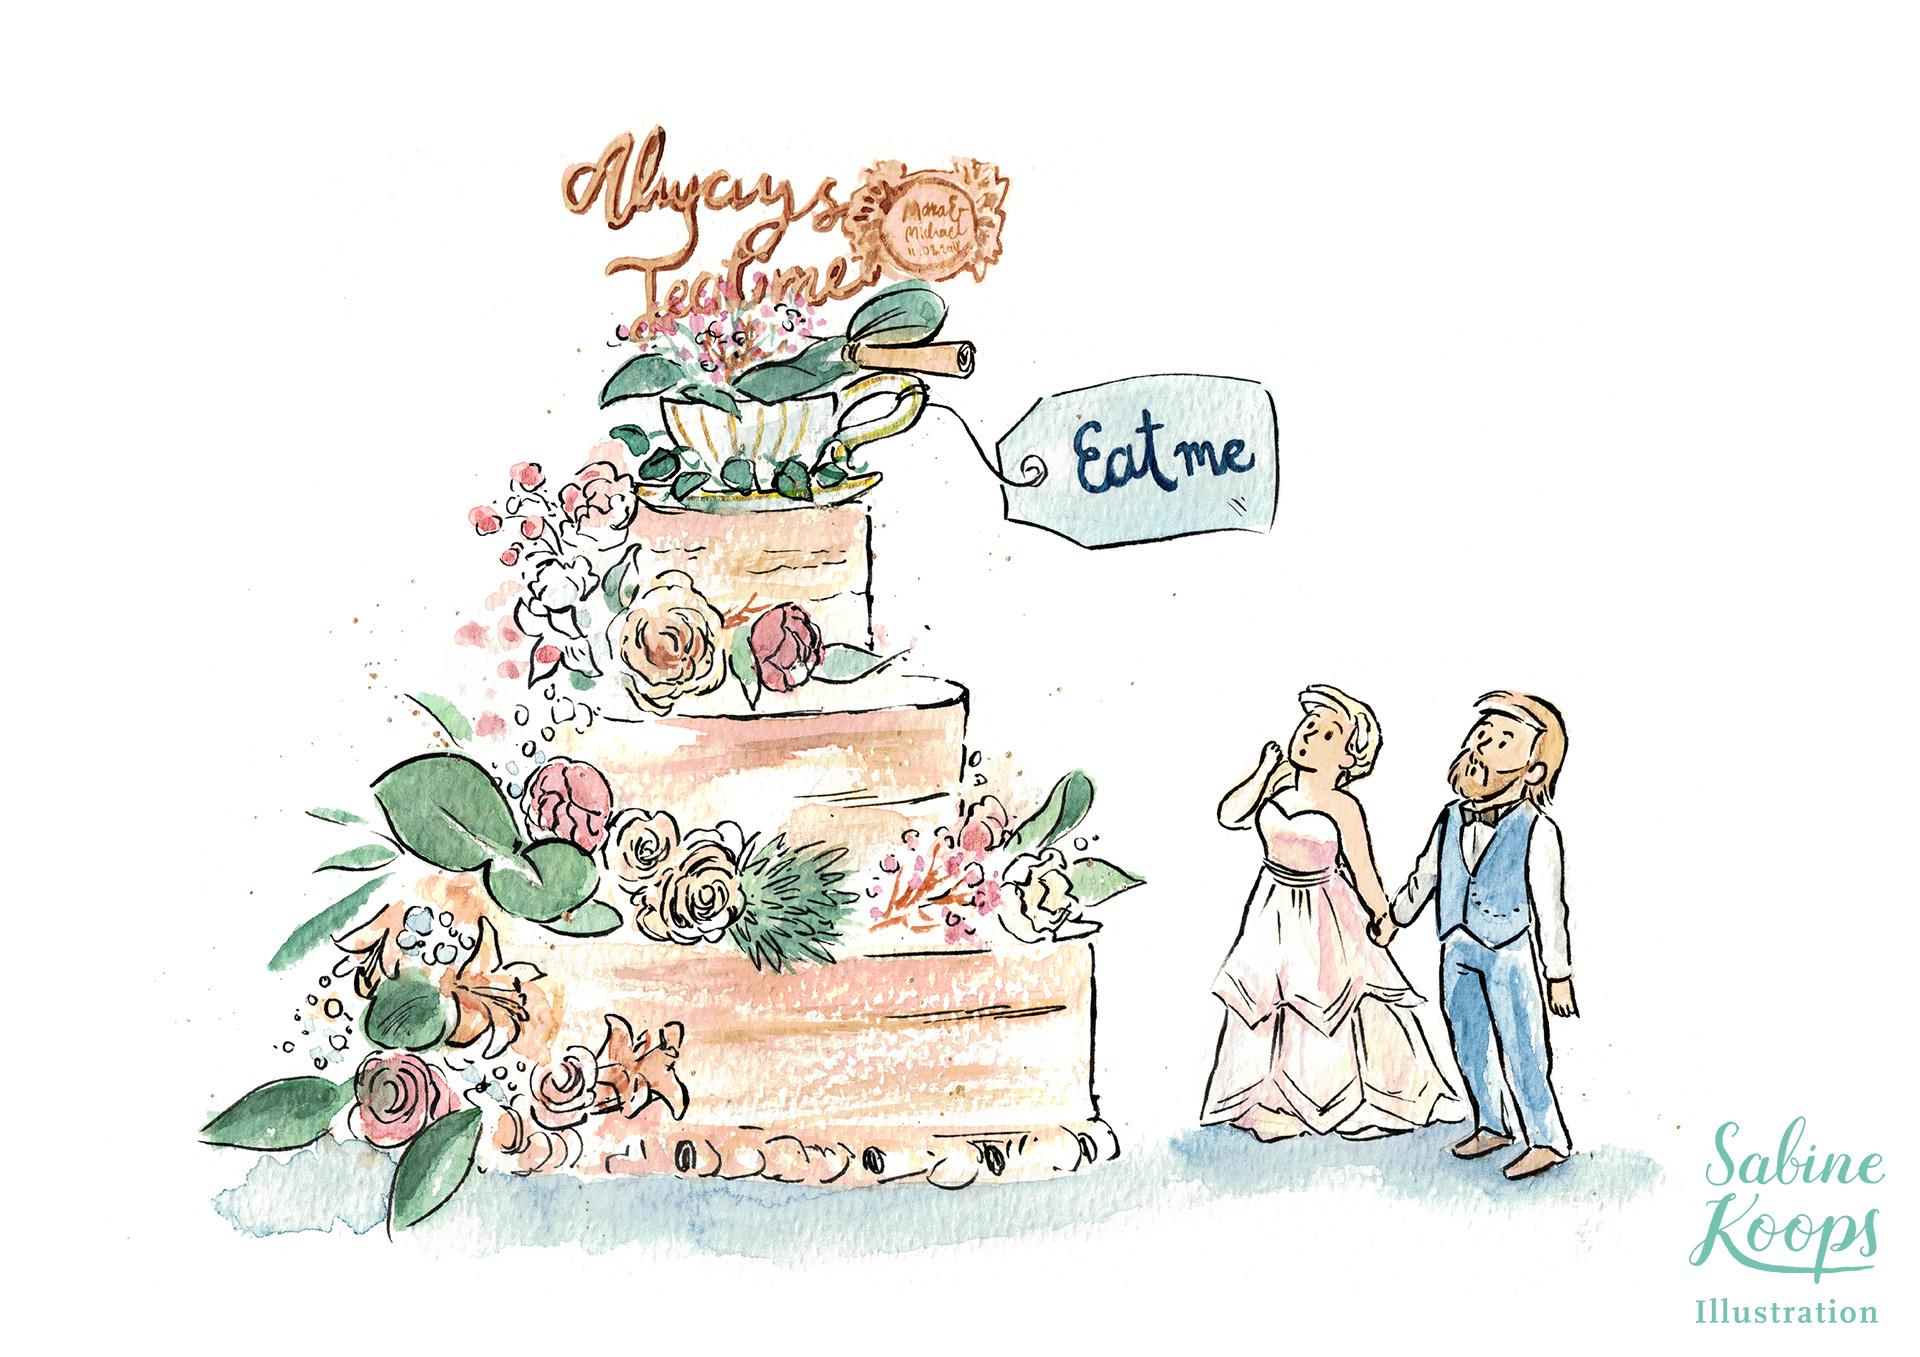 Hochzeitszeichnung-01-Hochzeit-Fest-Fotograf-Sabine-Koops-Illustration-14-180811.jpg